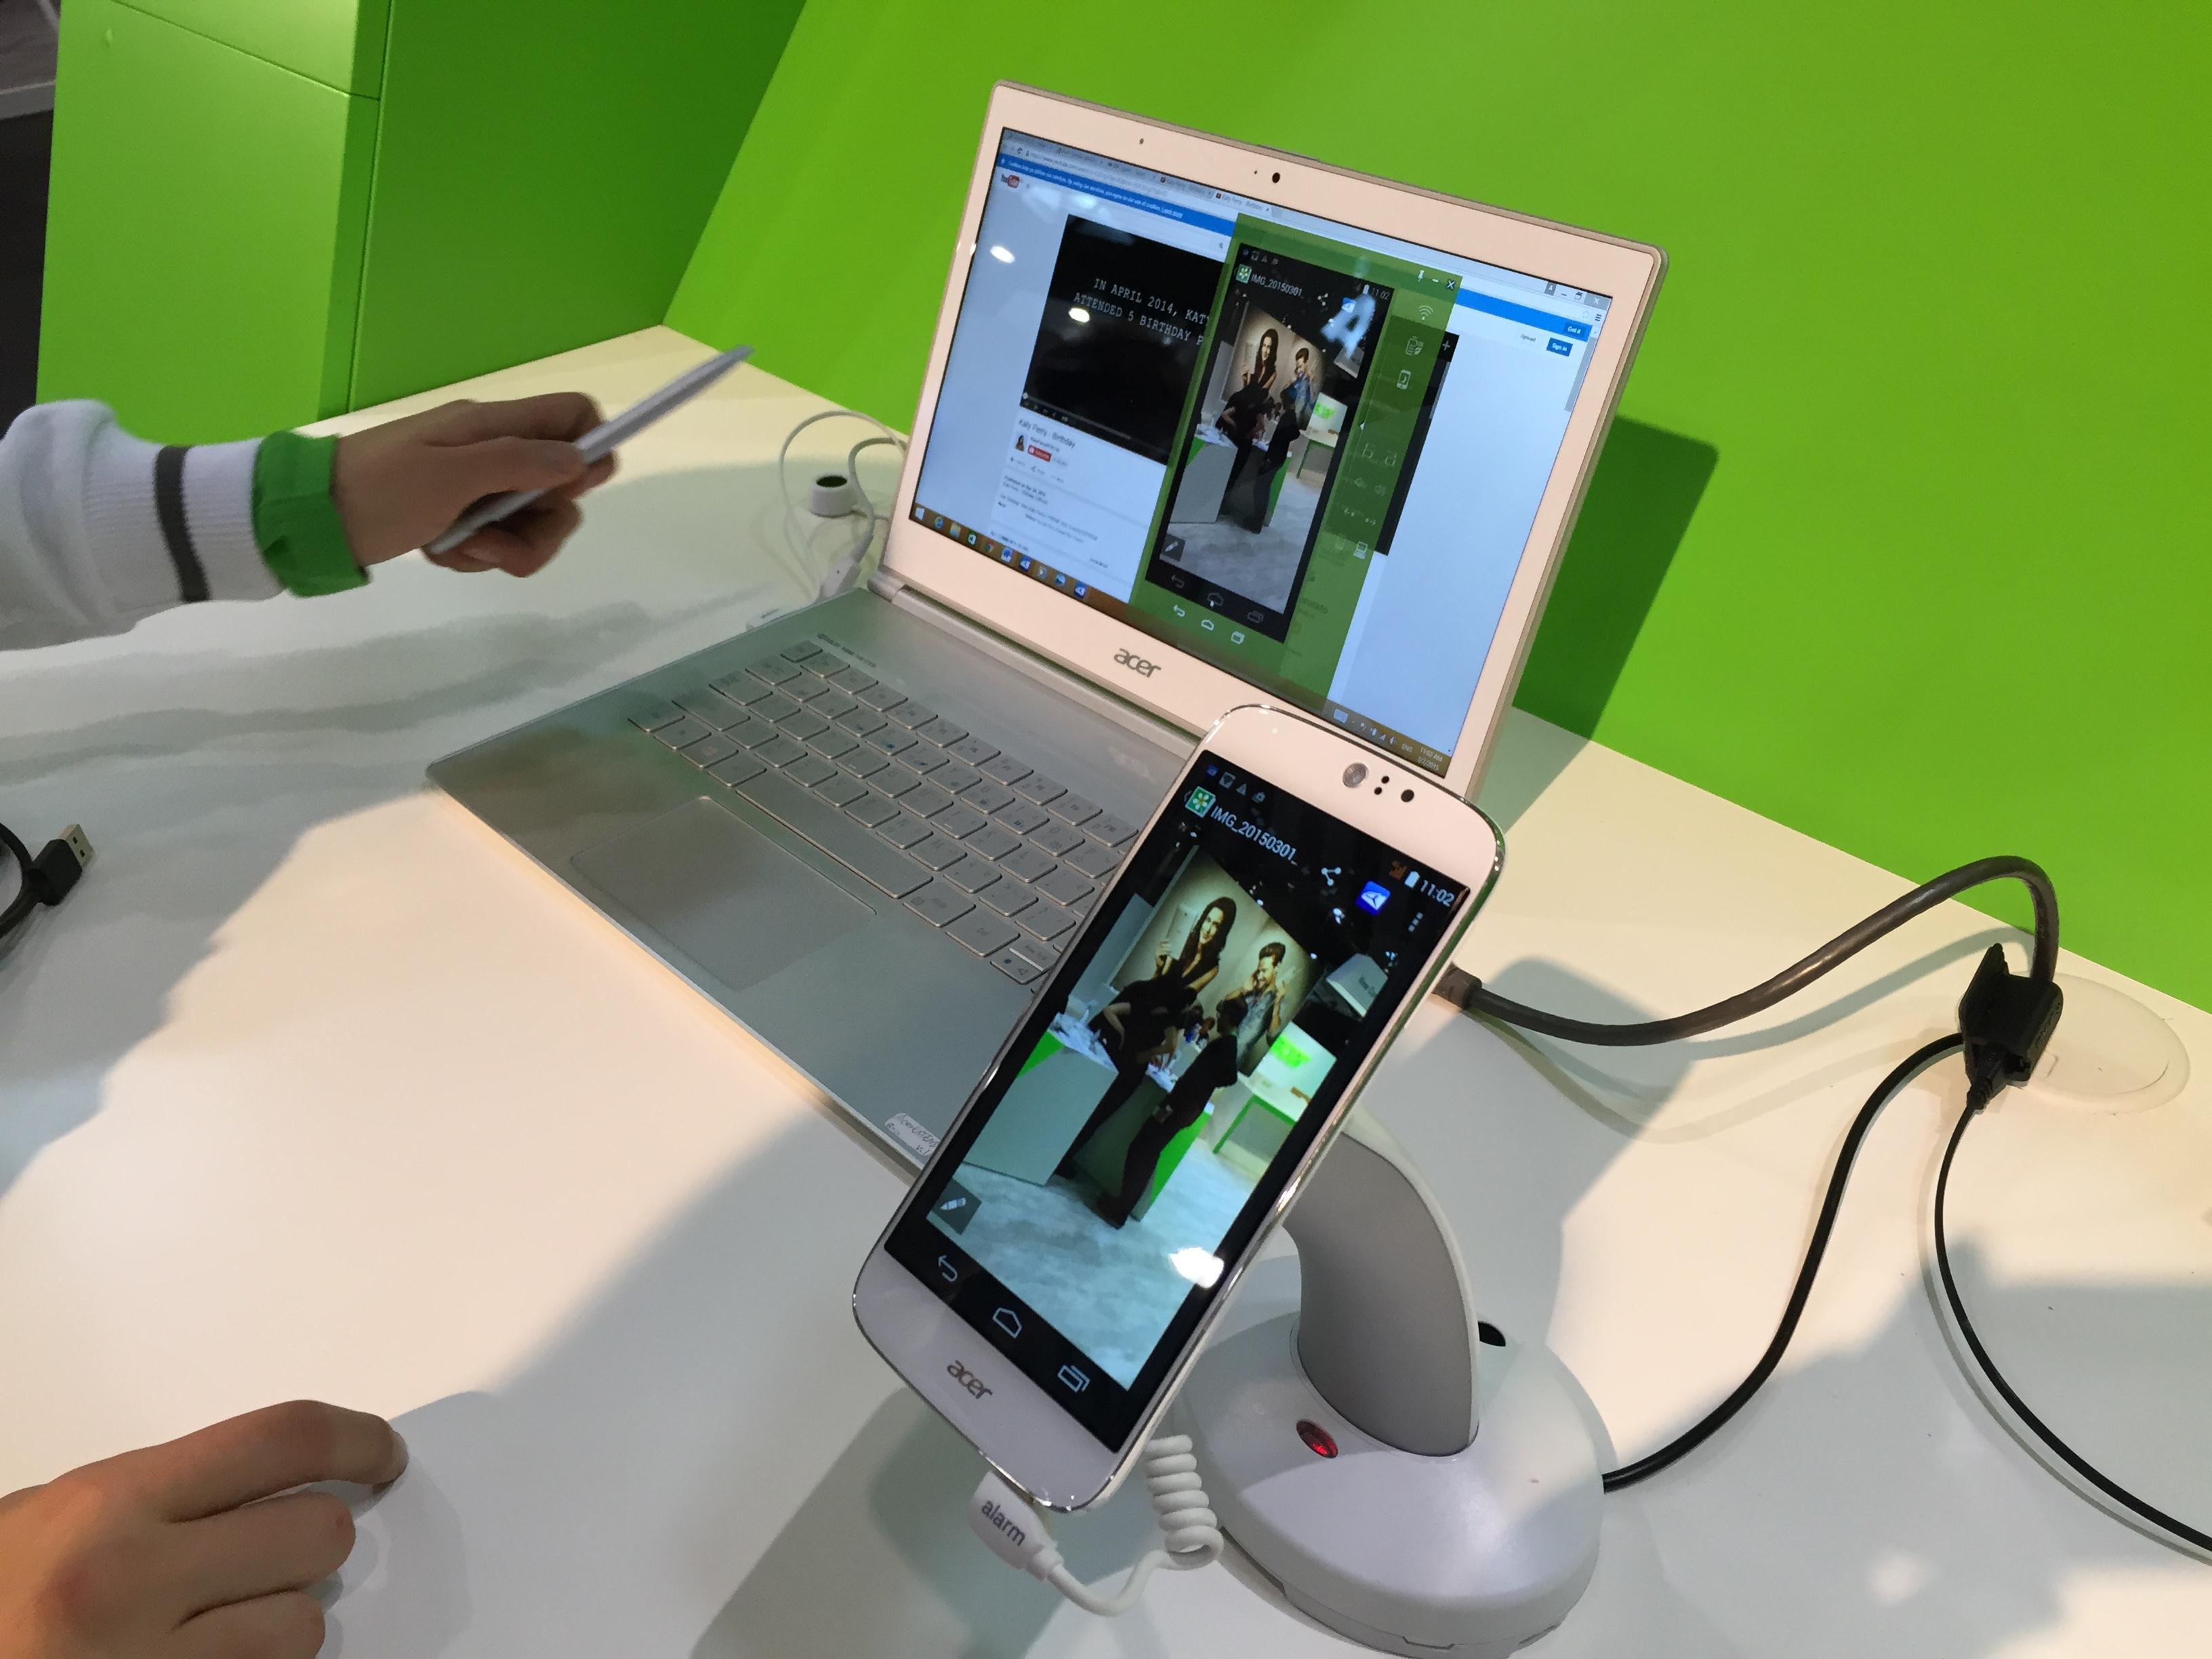 Acerowi udało się połączyć Androida z Windowsem tak, że aż chce się z tego korzystać